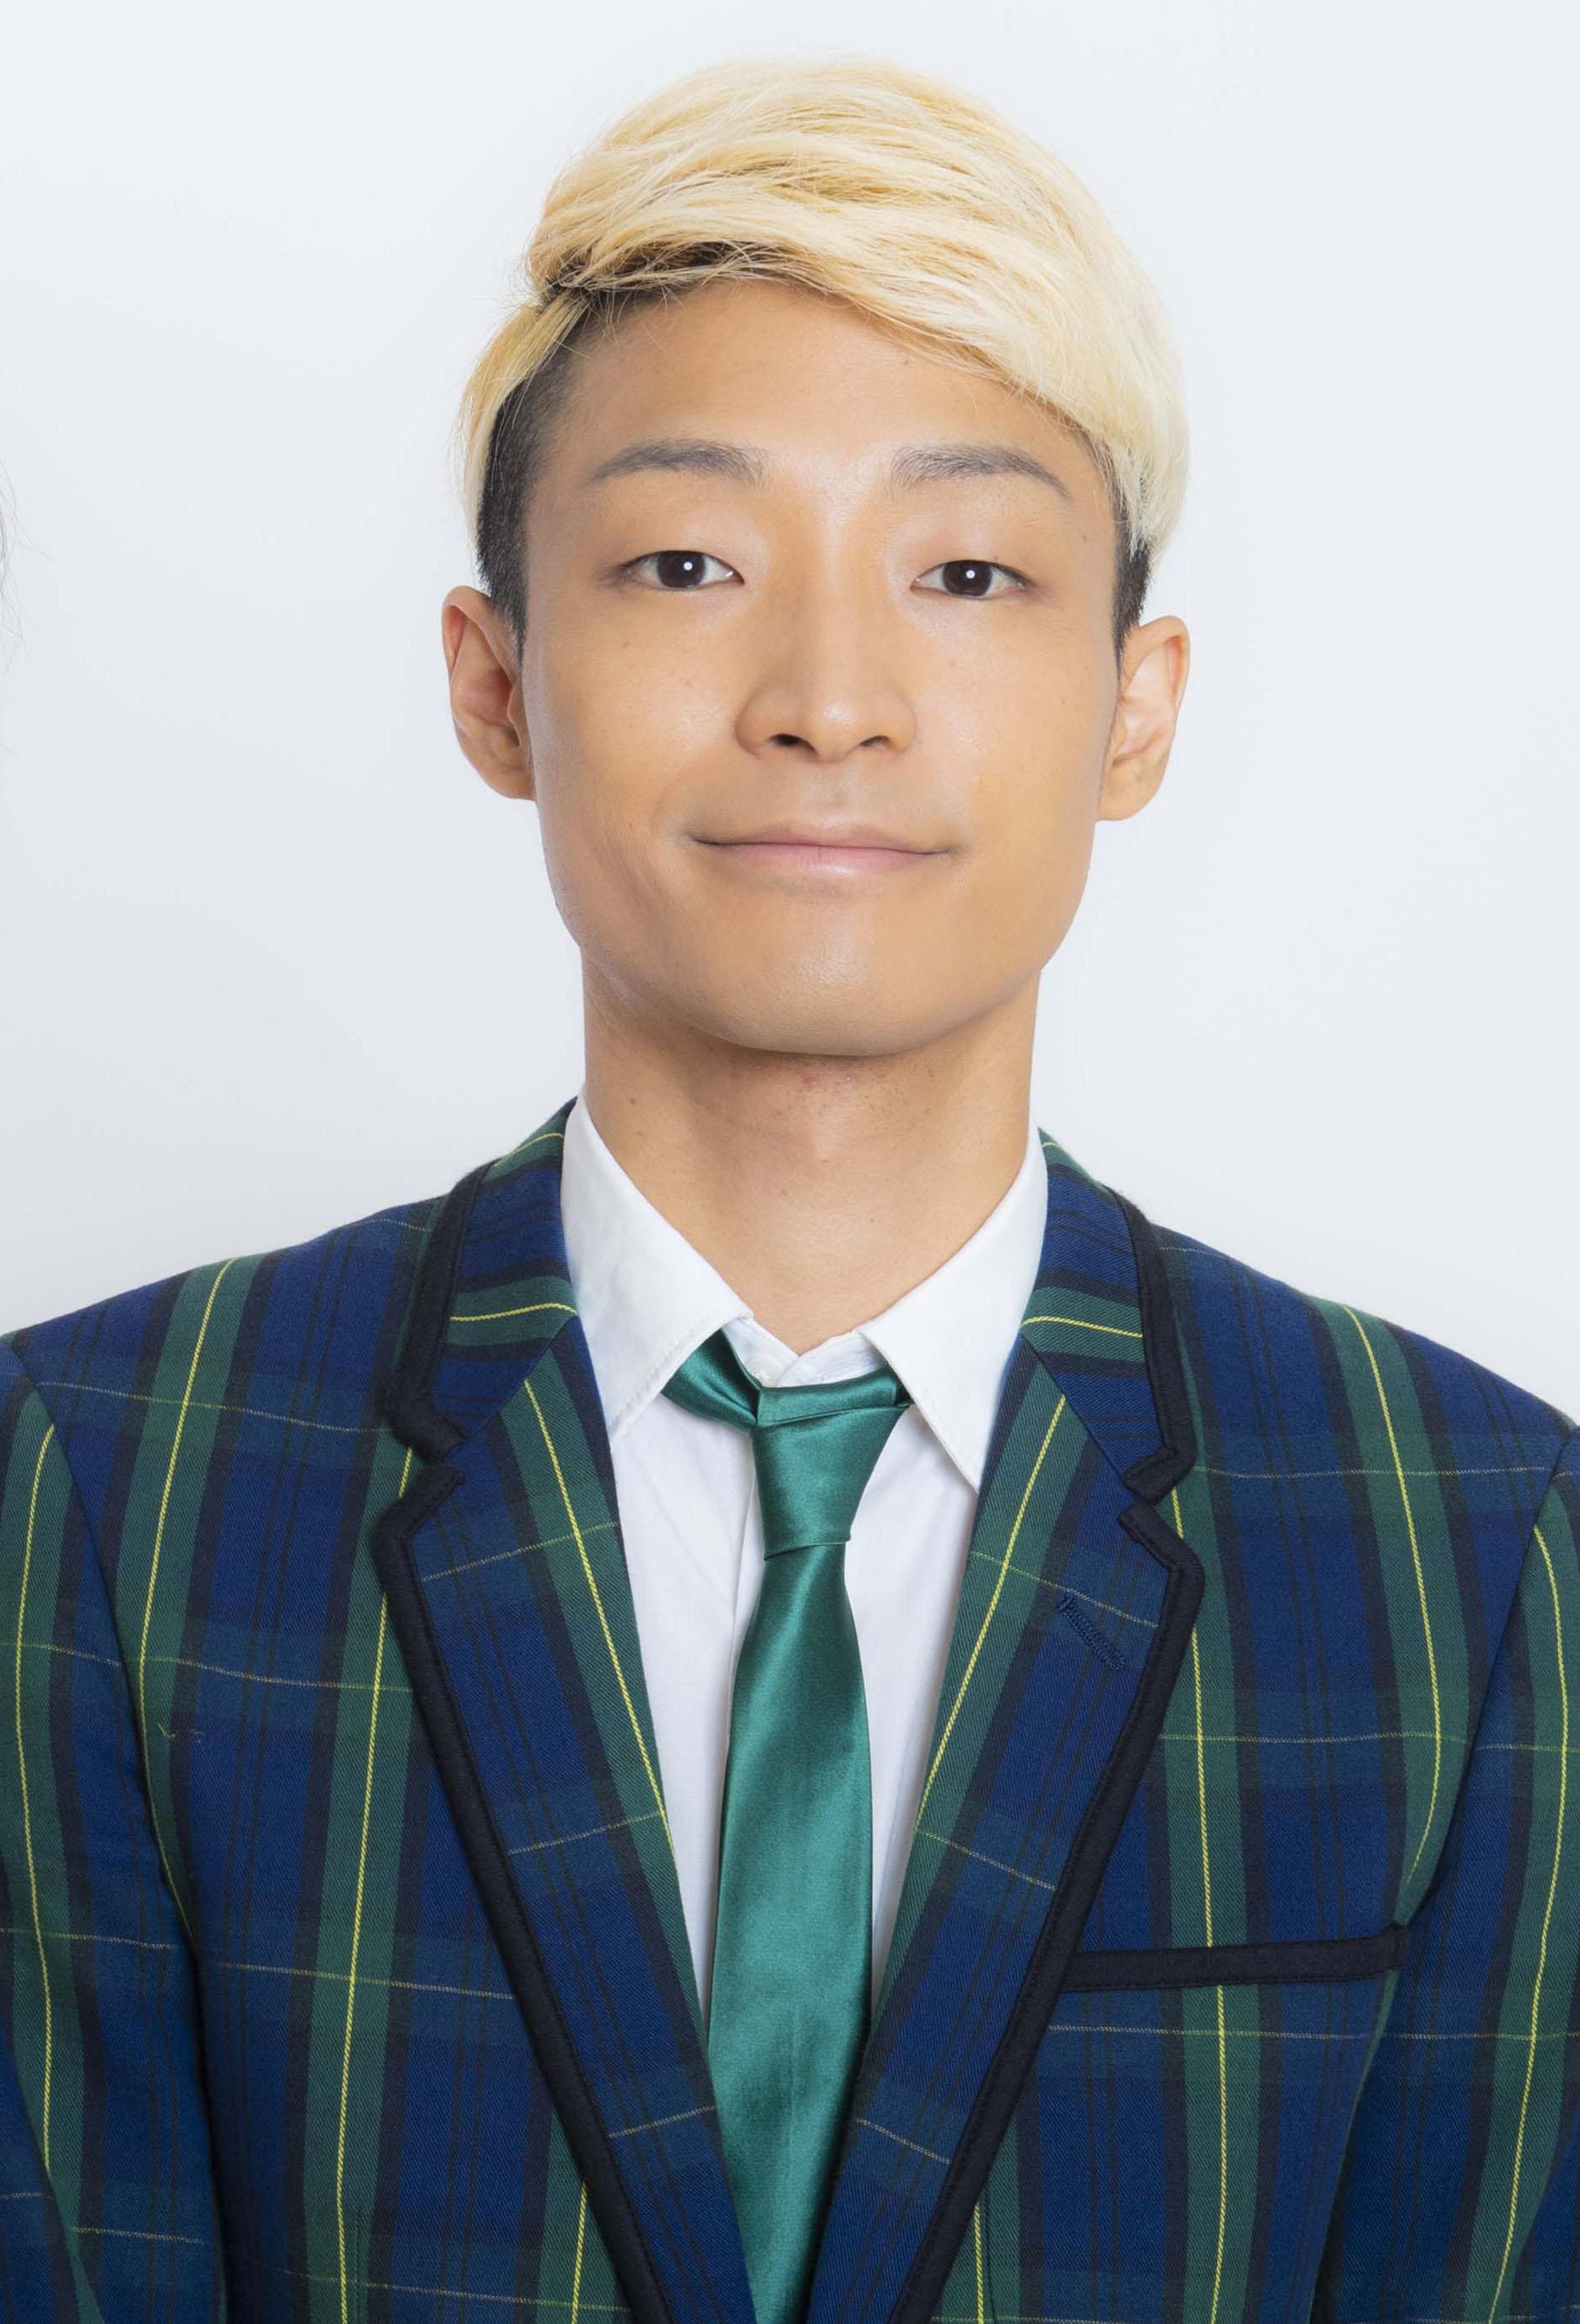 http://news.yoshimoto.co.jp/20181228133613-00093d3203d0f0c57cd4ab653b296afb460afd53.jpg